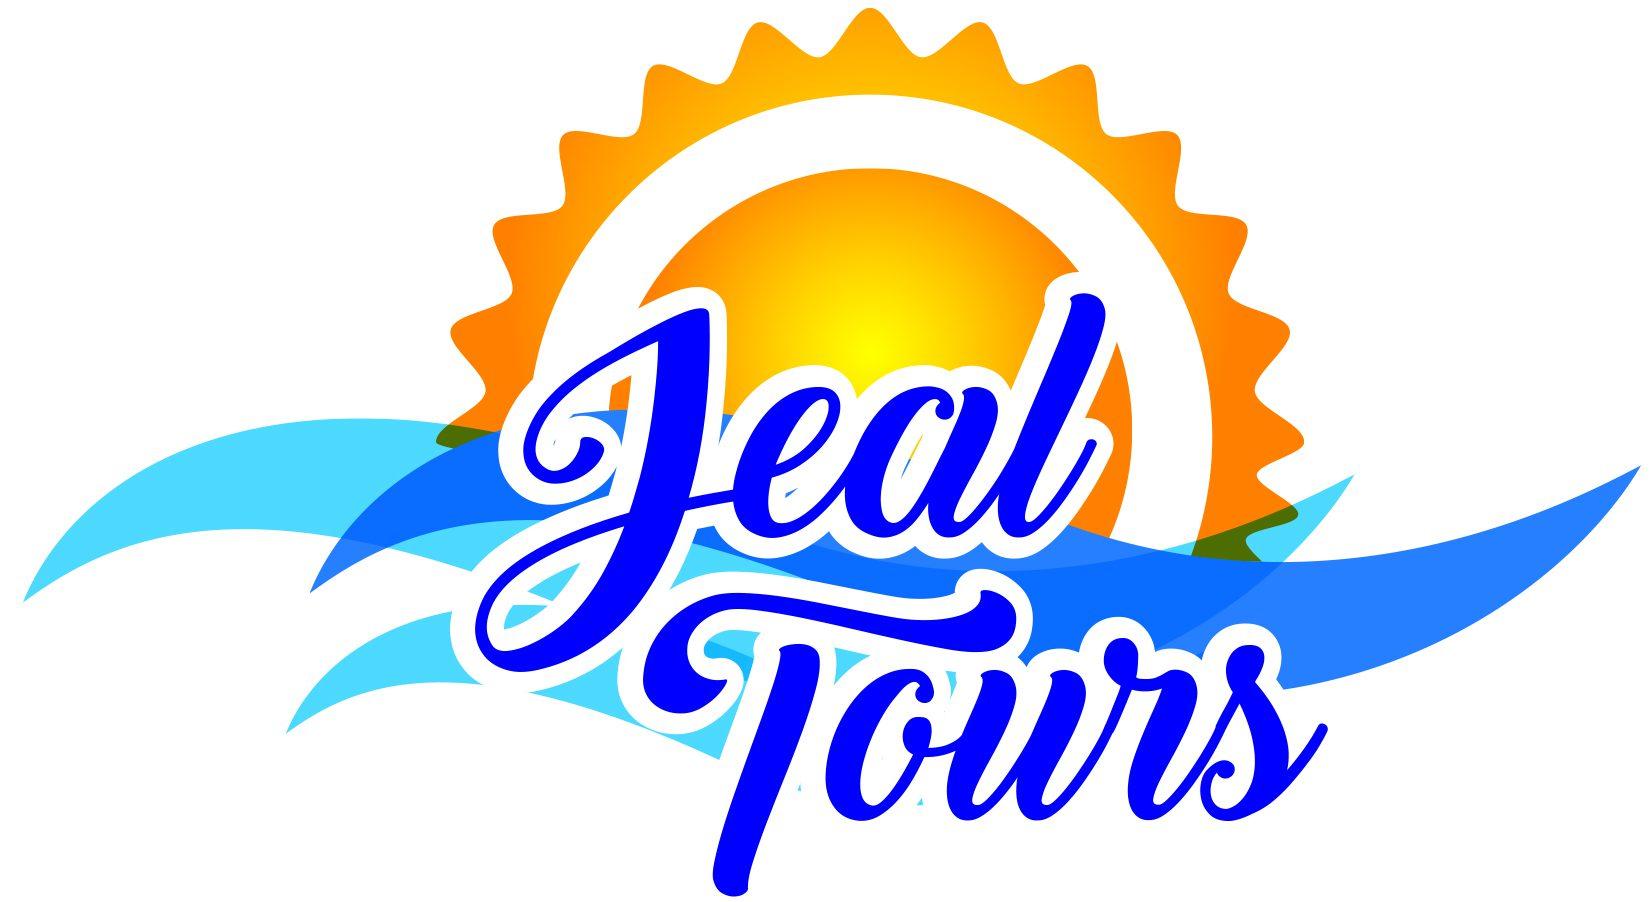 Jeal Tour